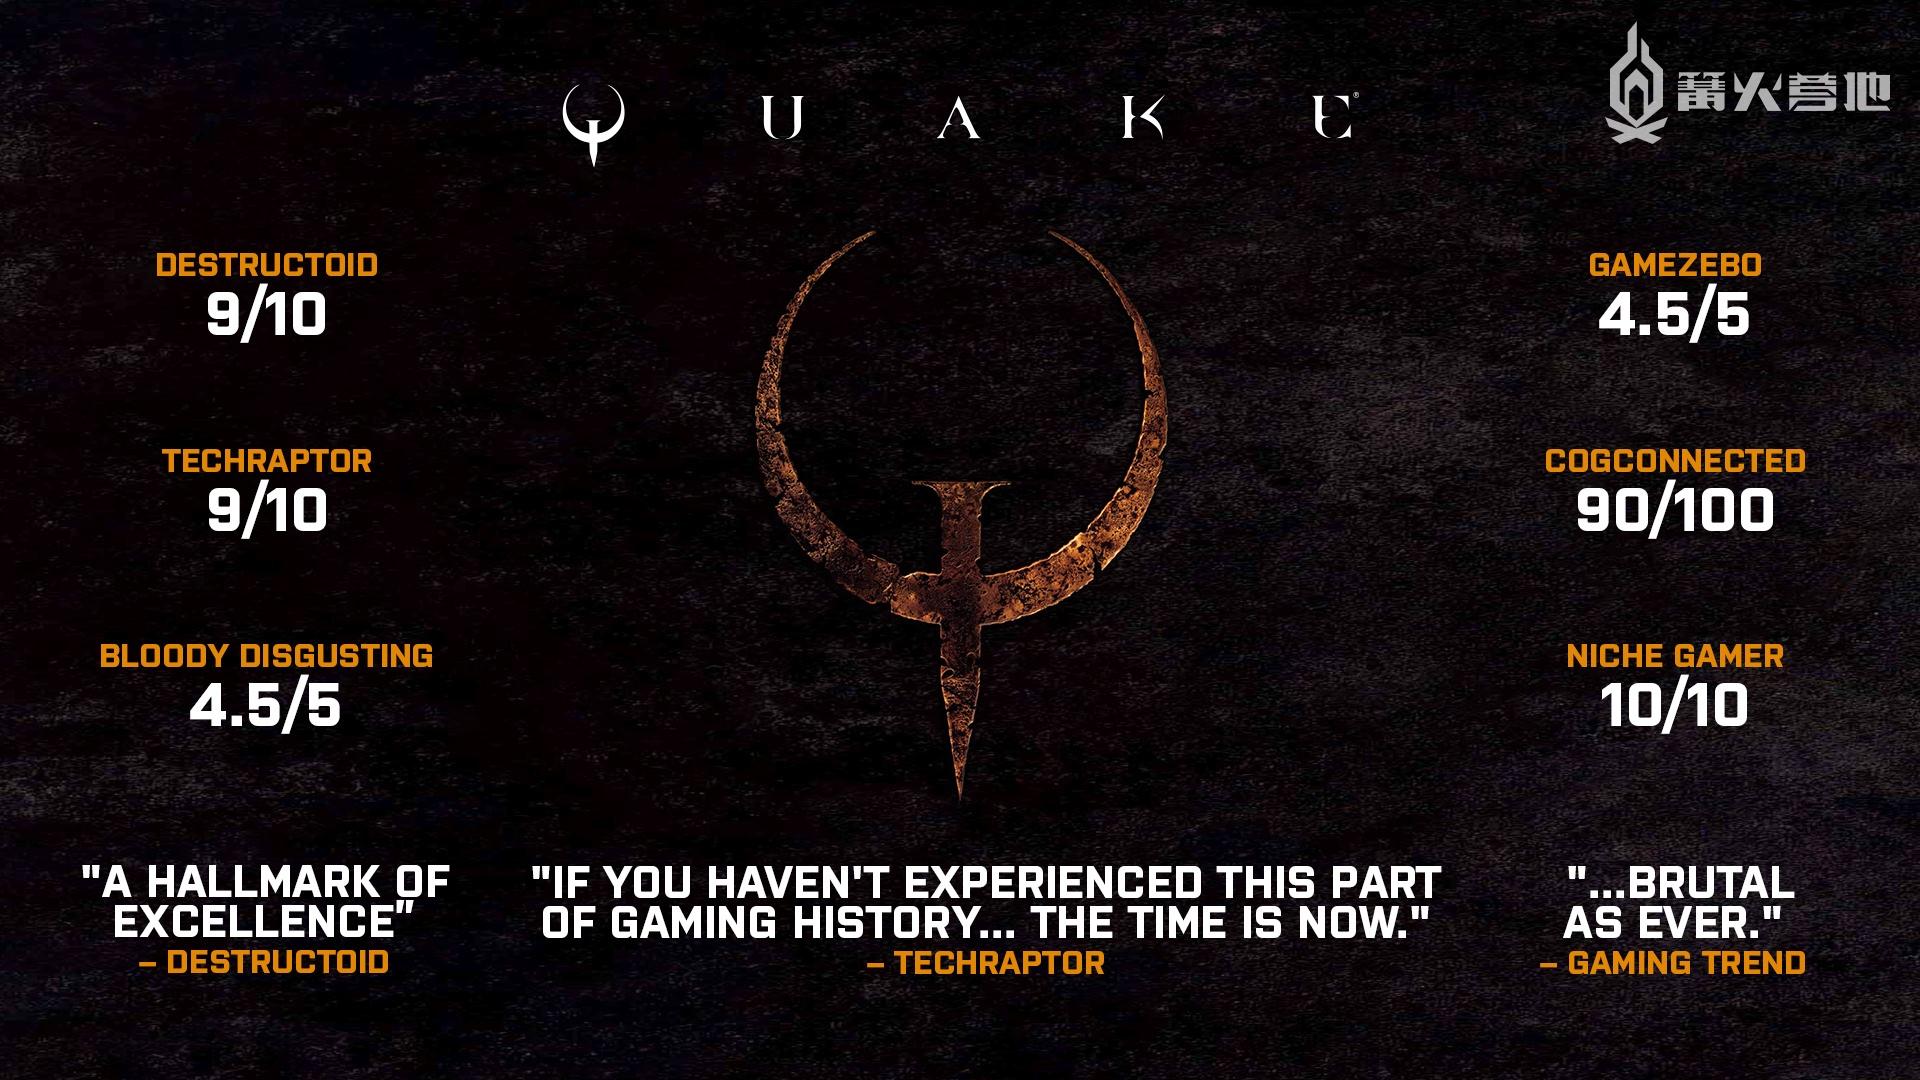 《雷神之锤 重制版》推出免费次世代更新支持 4K/120 帧